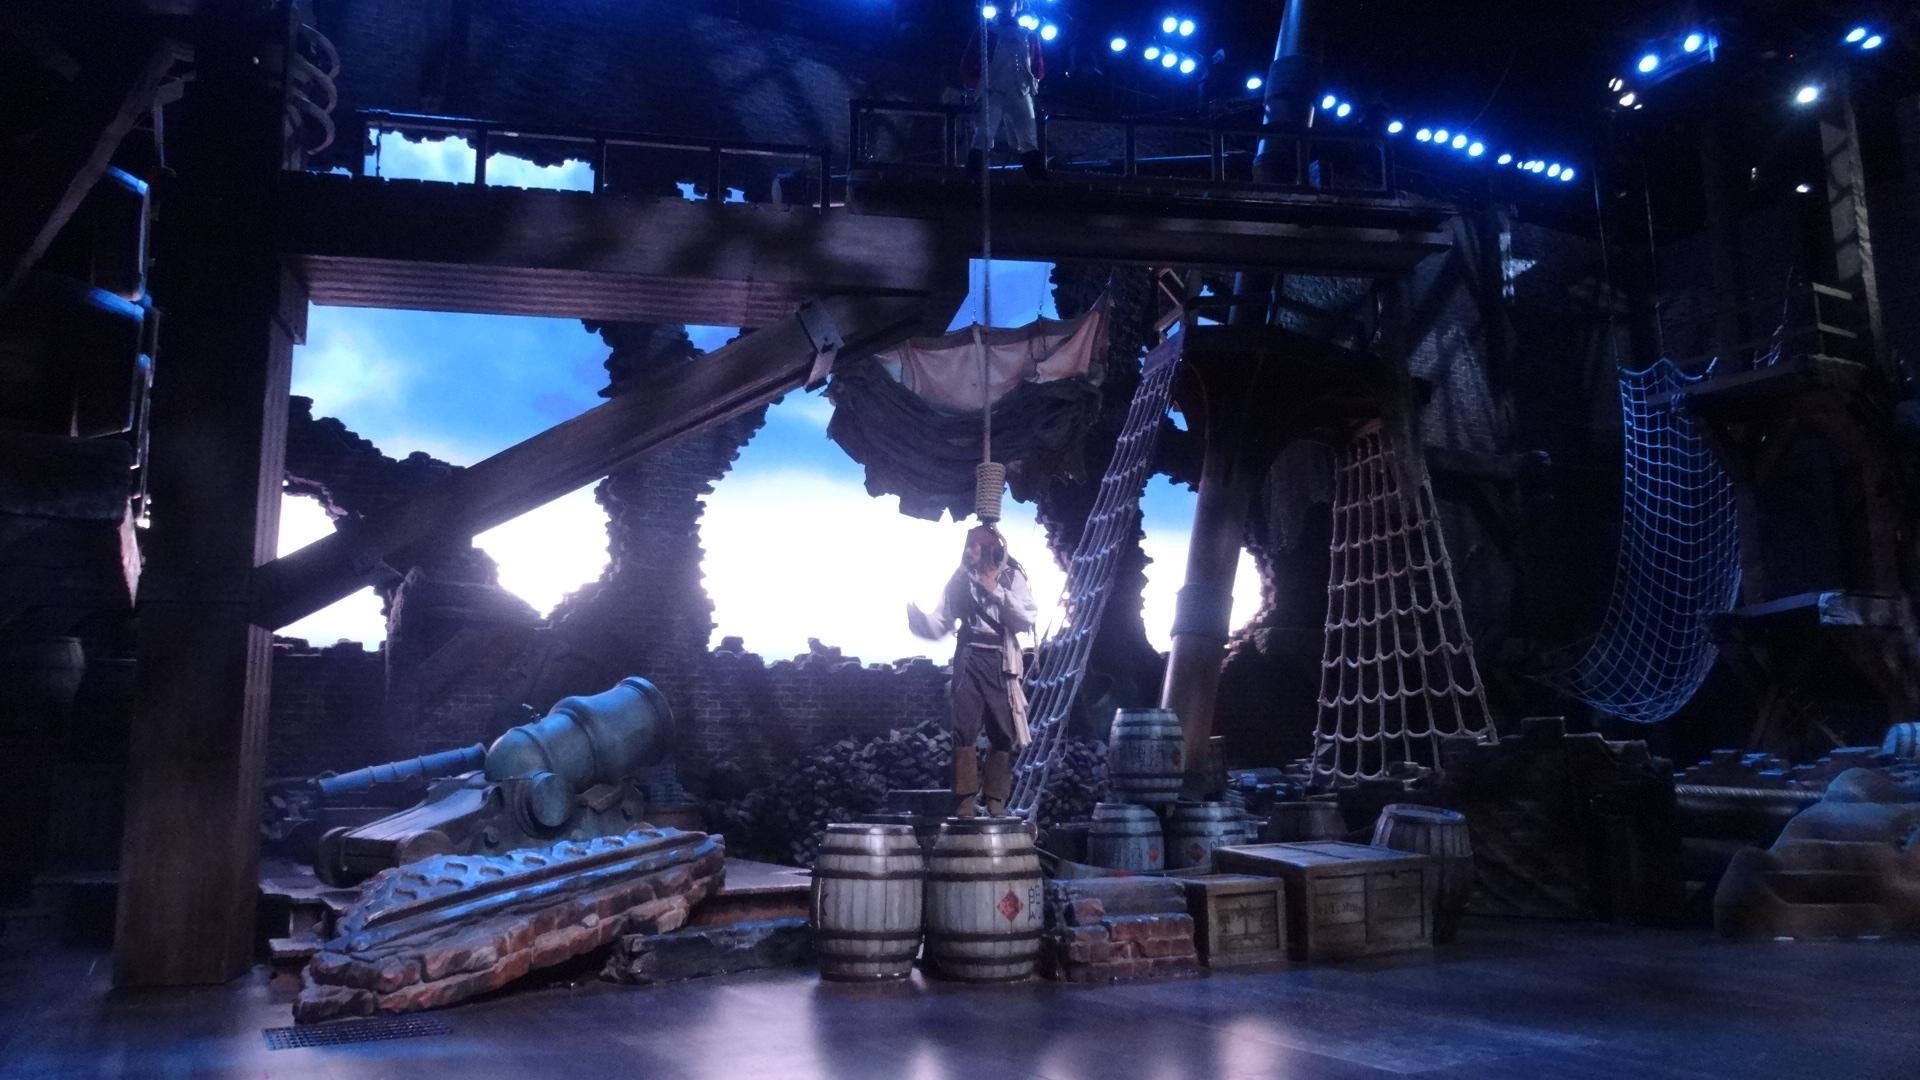 上海ディズニーランドカリブの海賊ショー